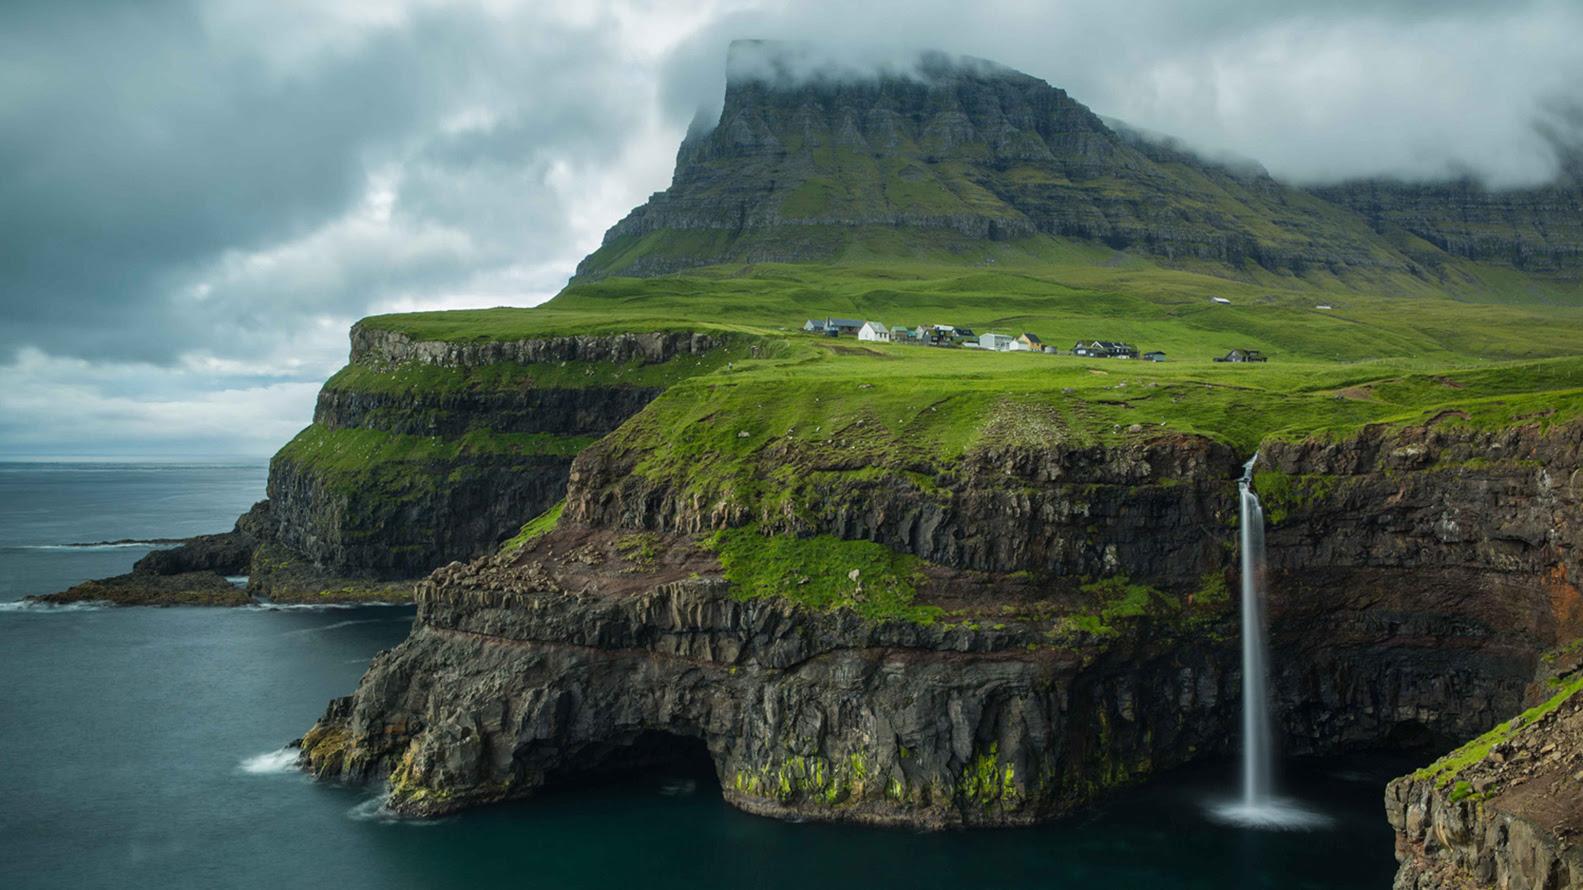 El archipiélago volcánico, una región autónoma de Dinamarca a medio camino entre Islandia y Escocia, ofrece un paisaje inolvidable. Vertiginosos acantilados, cascadas atronadoras y montañas cubiertas. Durante el mes de abril, las islas se cierran al turismo para recibir a un centenar de voluntarios que llegan para arreglar senderos, reconstruir lugares dañados en invierno y preservar sus maravillosos paisajes naturales